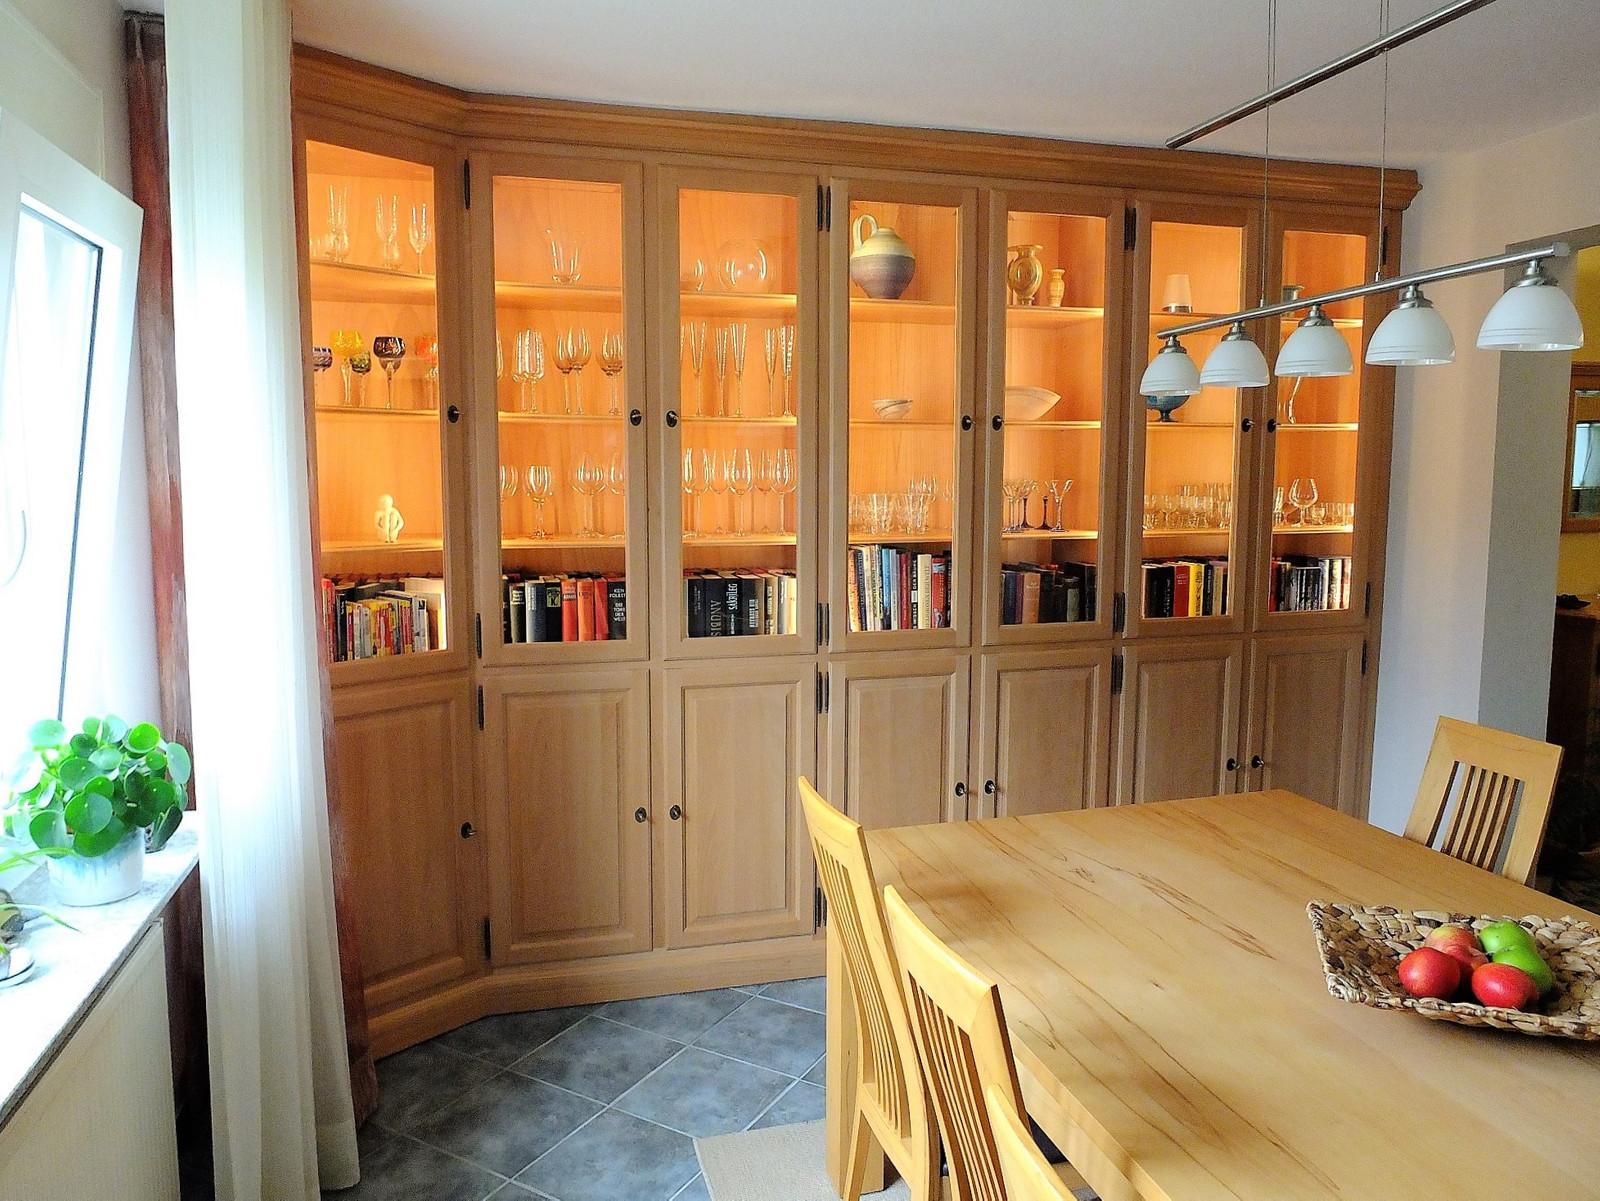 Bücherschrank / Wohnschrank / Wohnwand / Bibliothek / Vitrine / Maßanfertigung in Buche massiv / deckenhoch, und wandbündig eingebaut / Sonderanfertigung individuell hergestellt